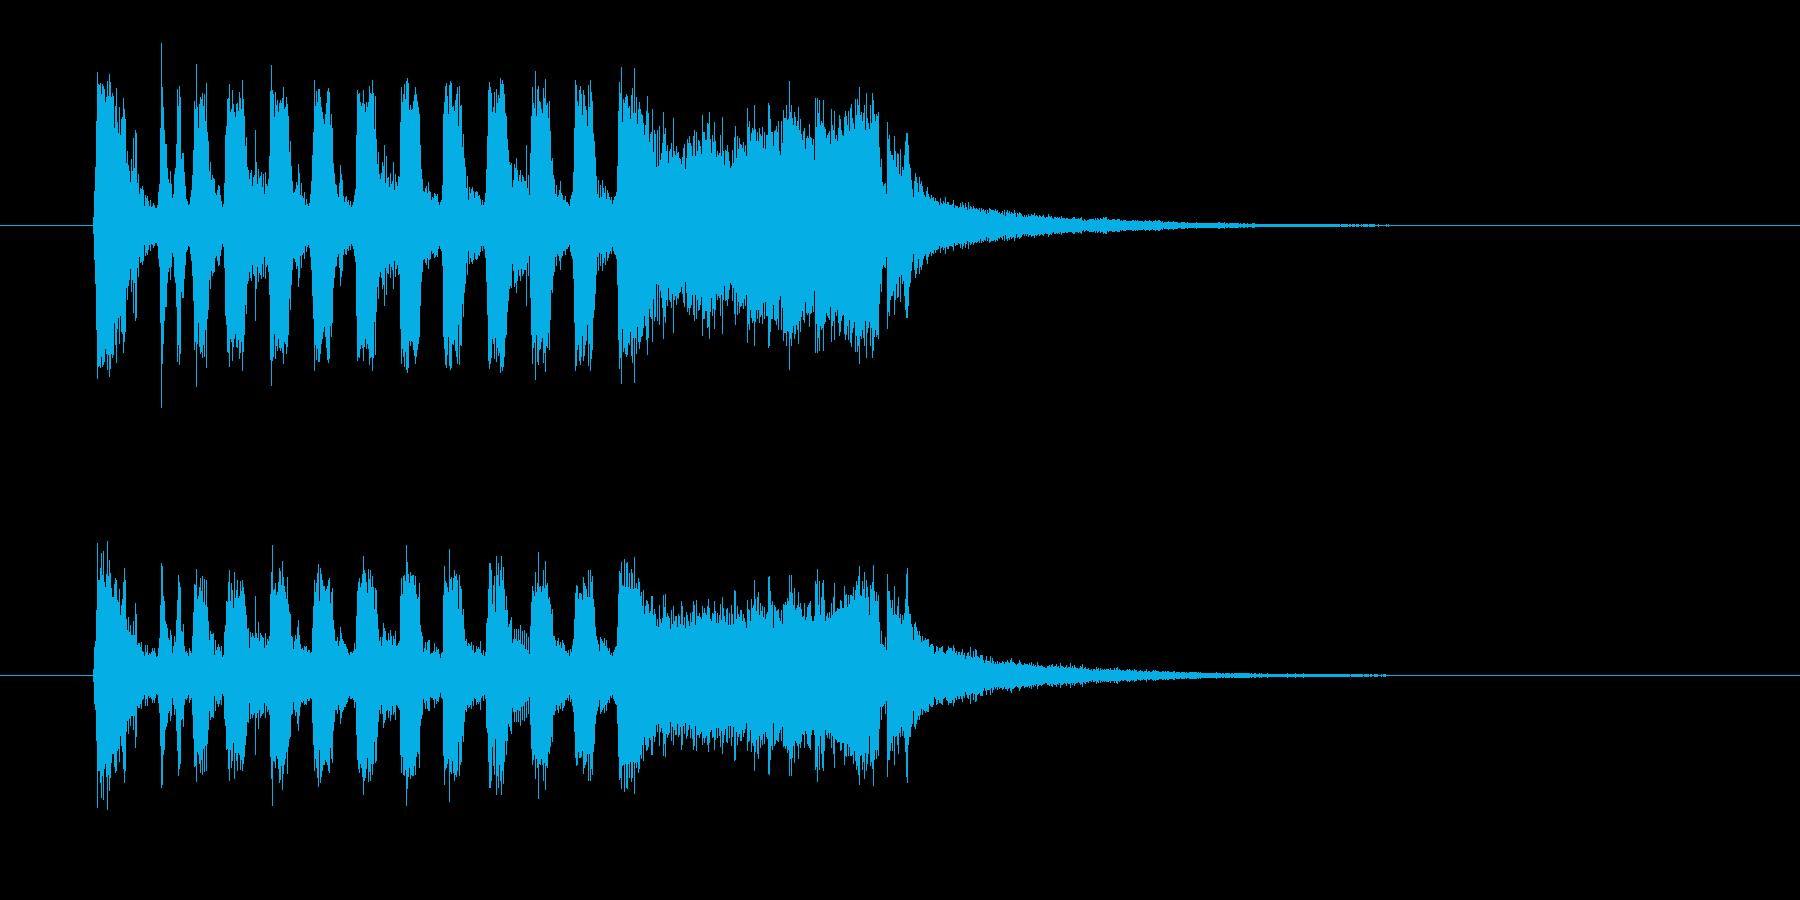 明るく勢いのある管楽器ファンファーレの再生済みの波形